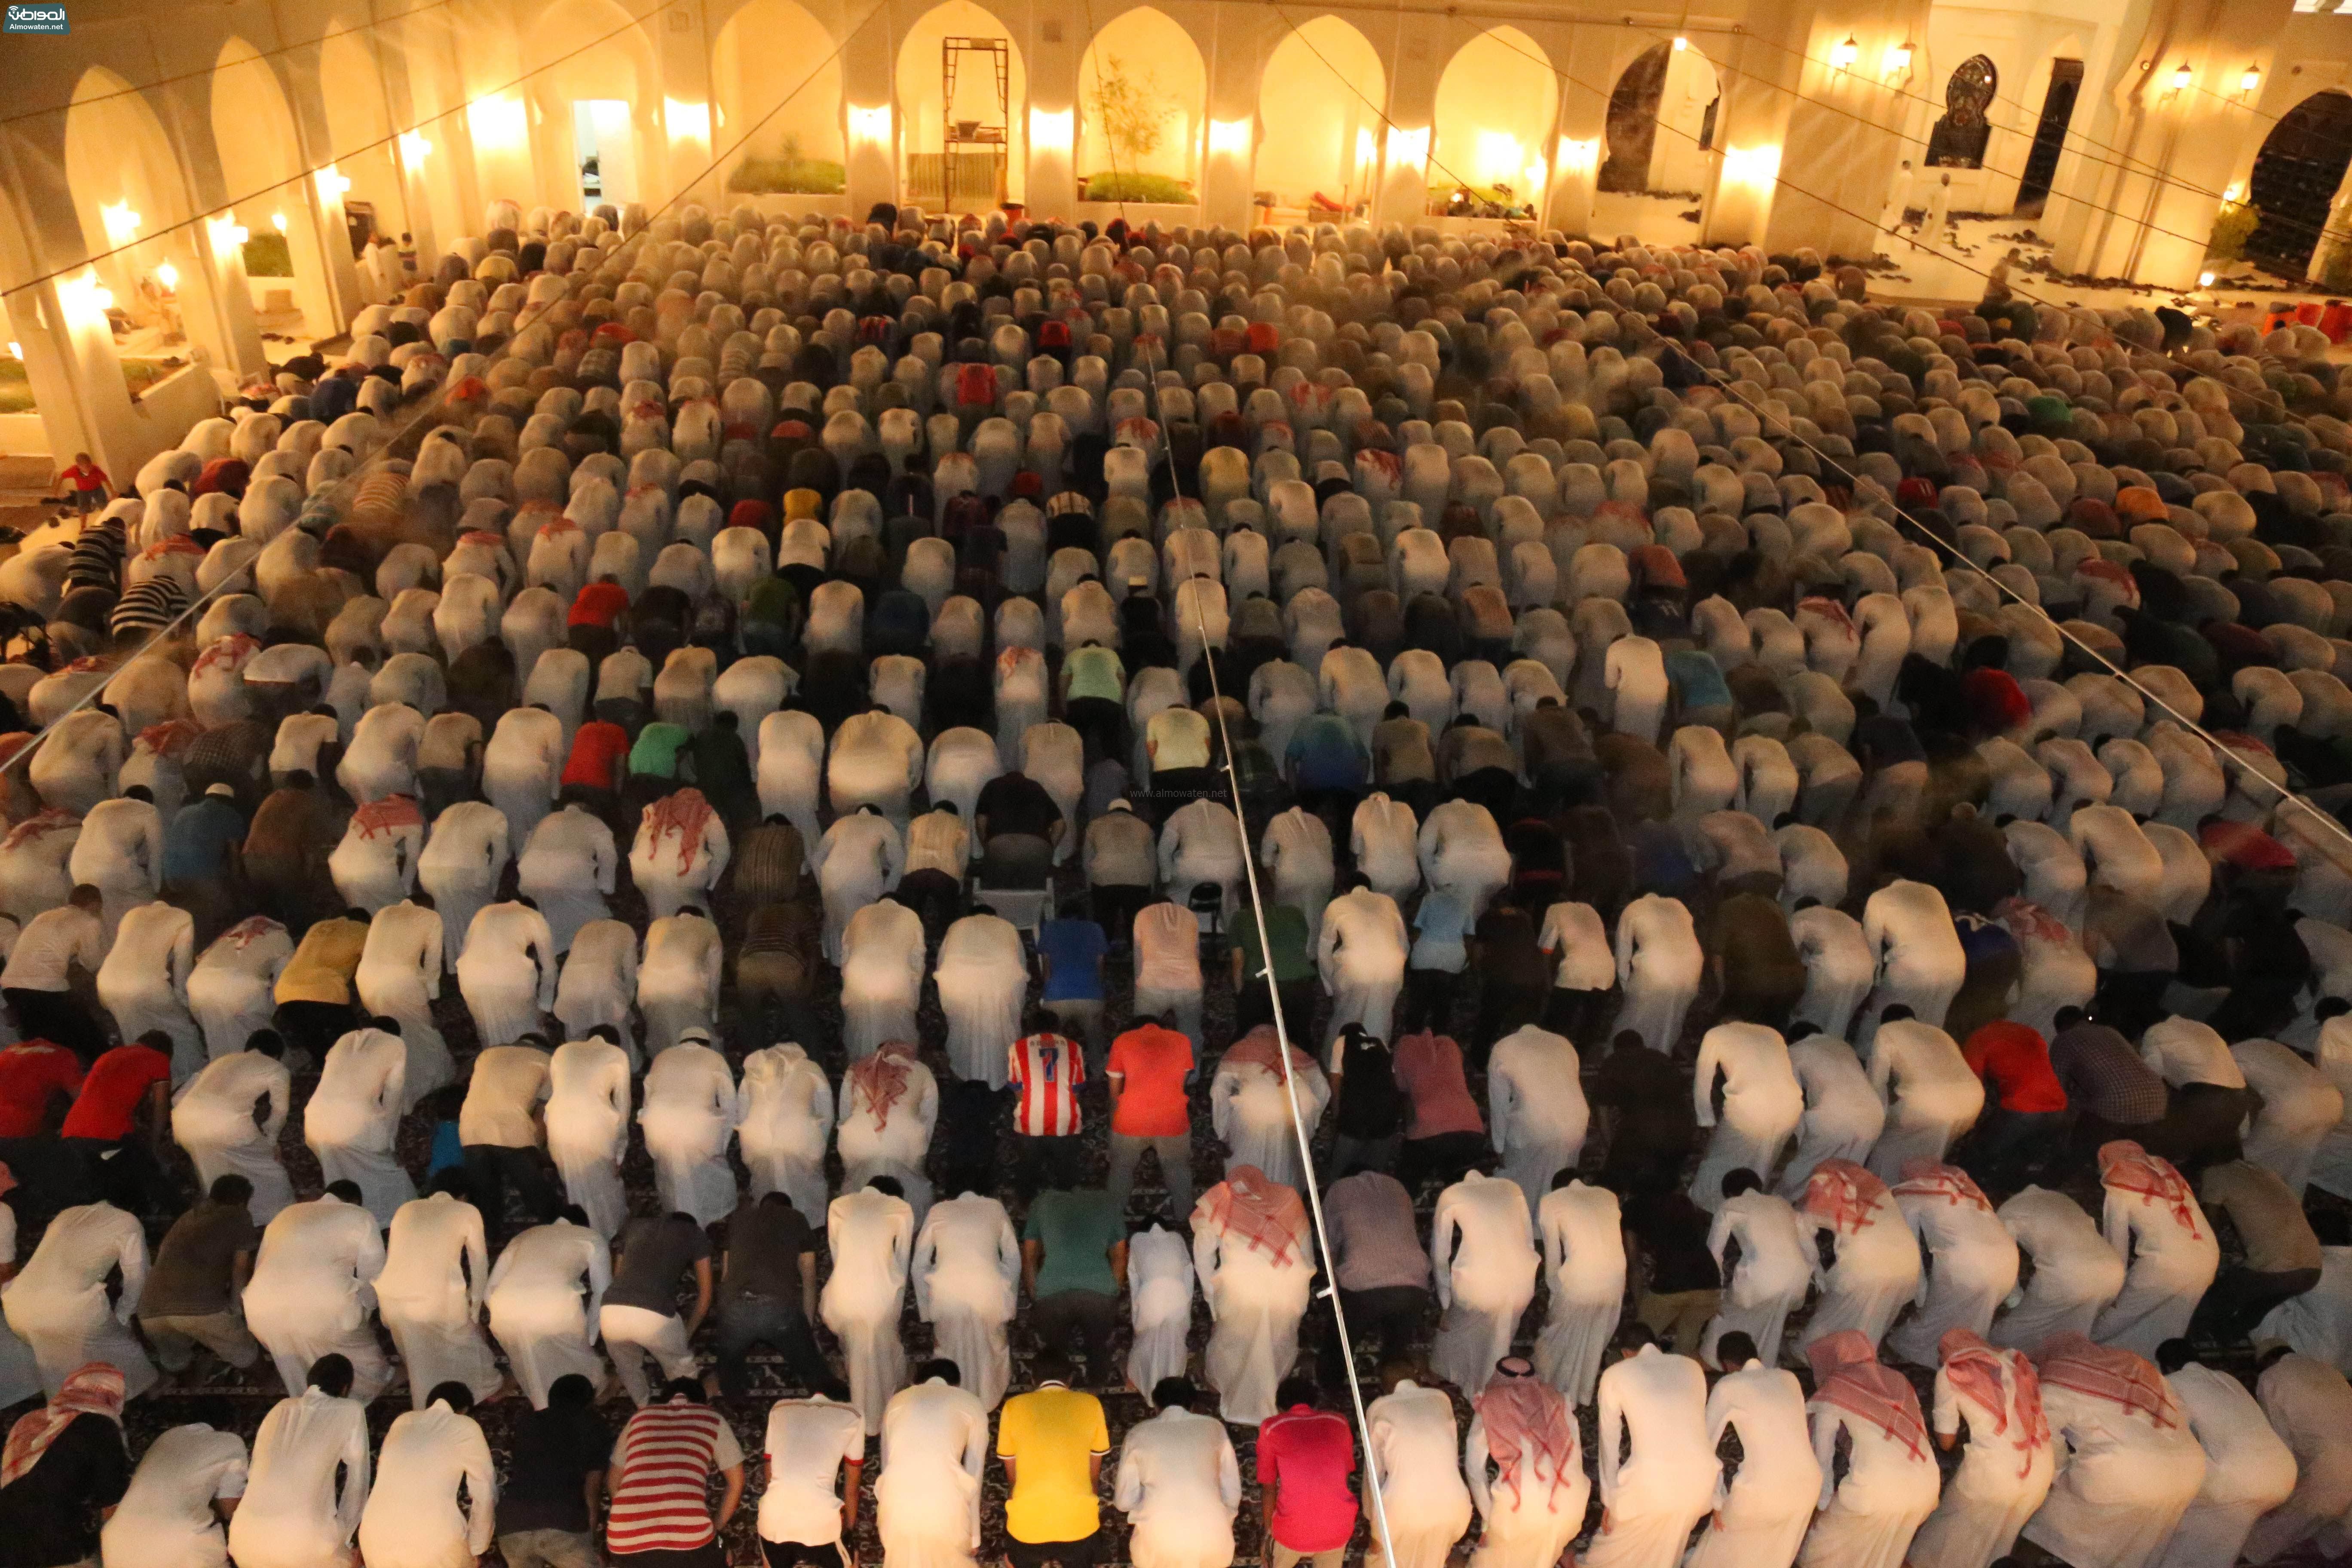 جامع الملك خالد (2)